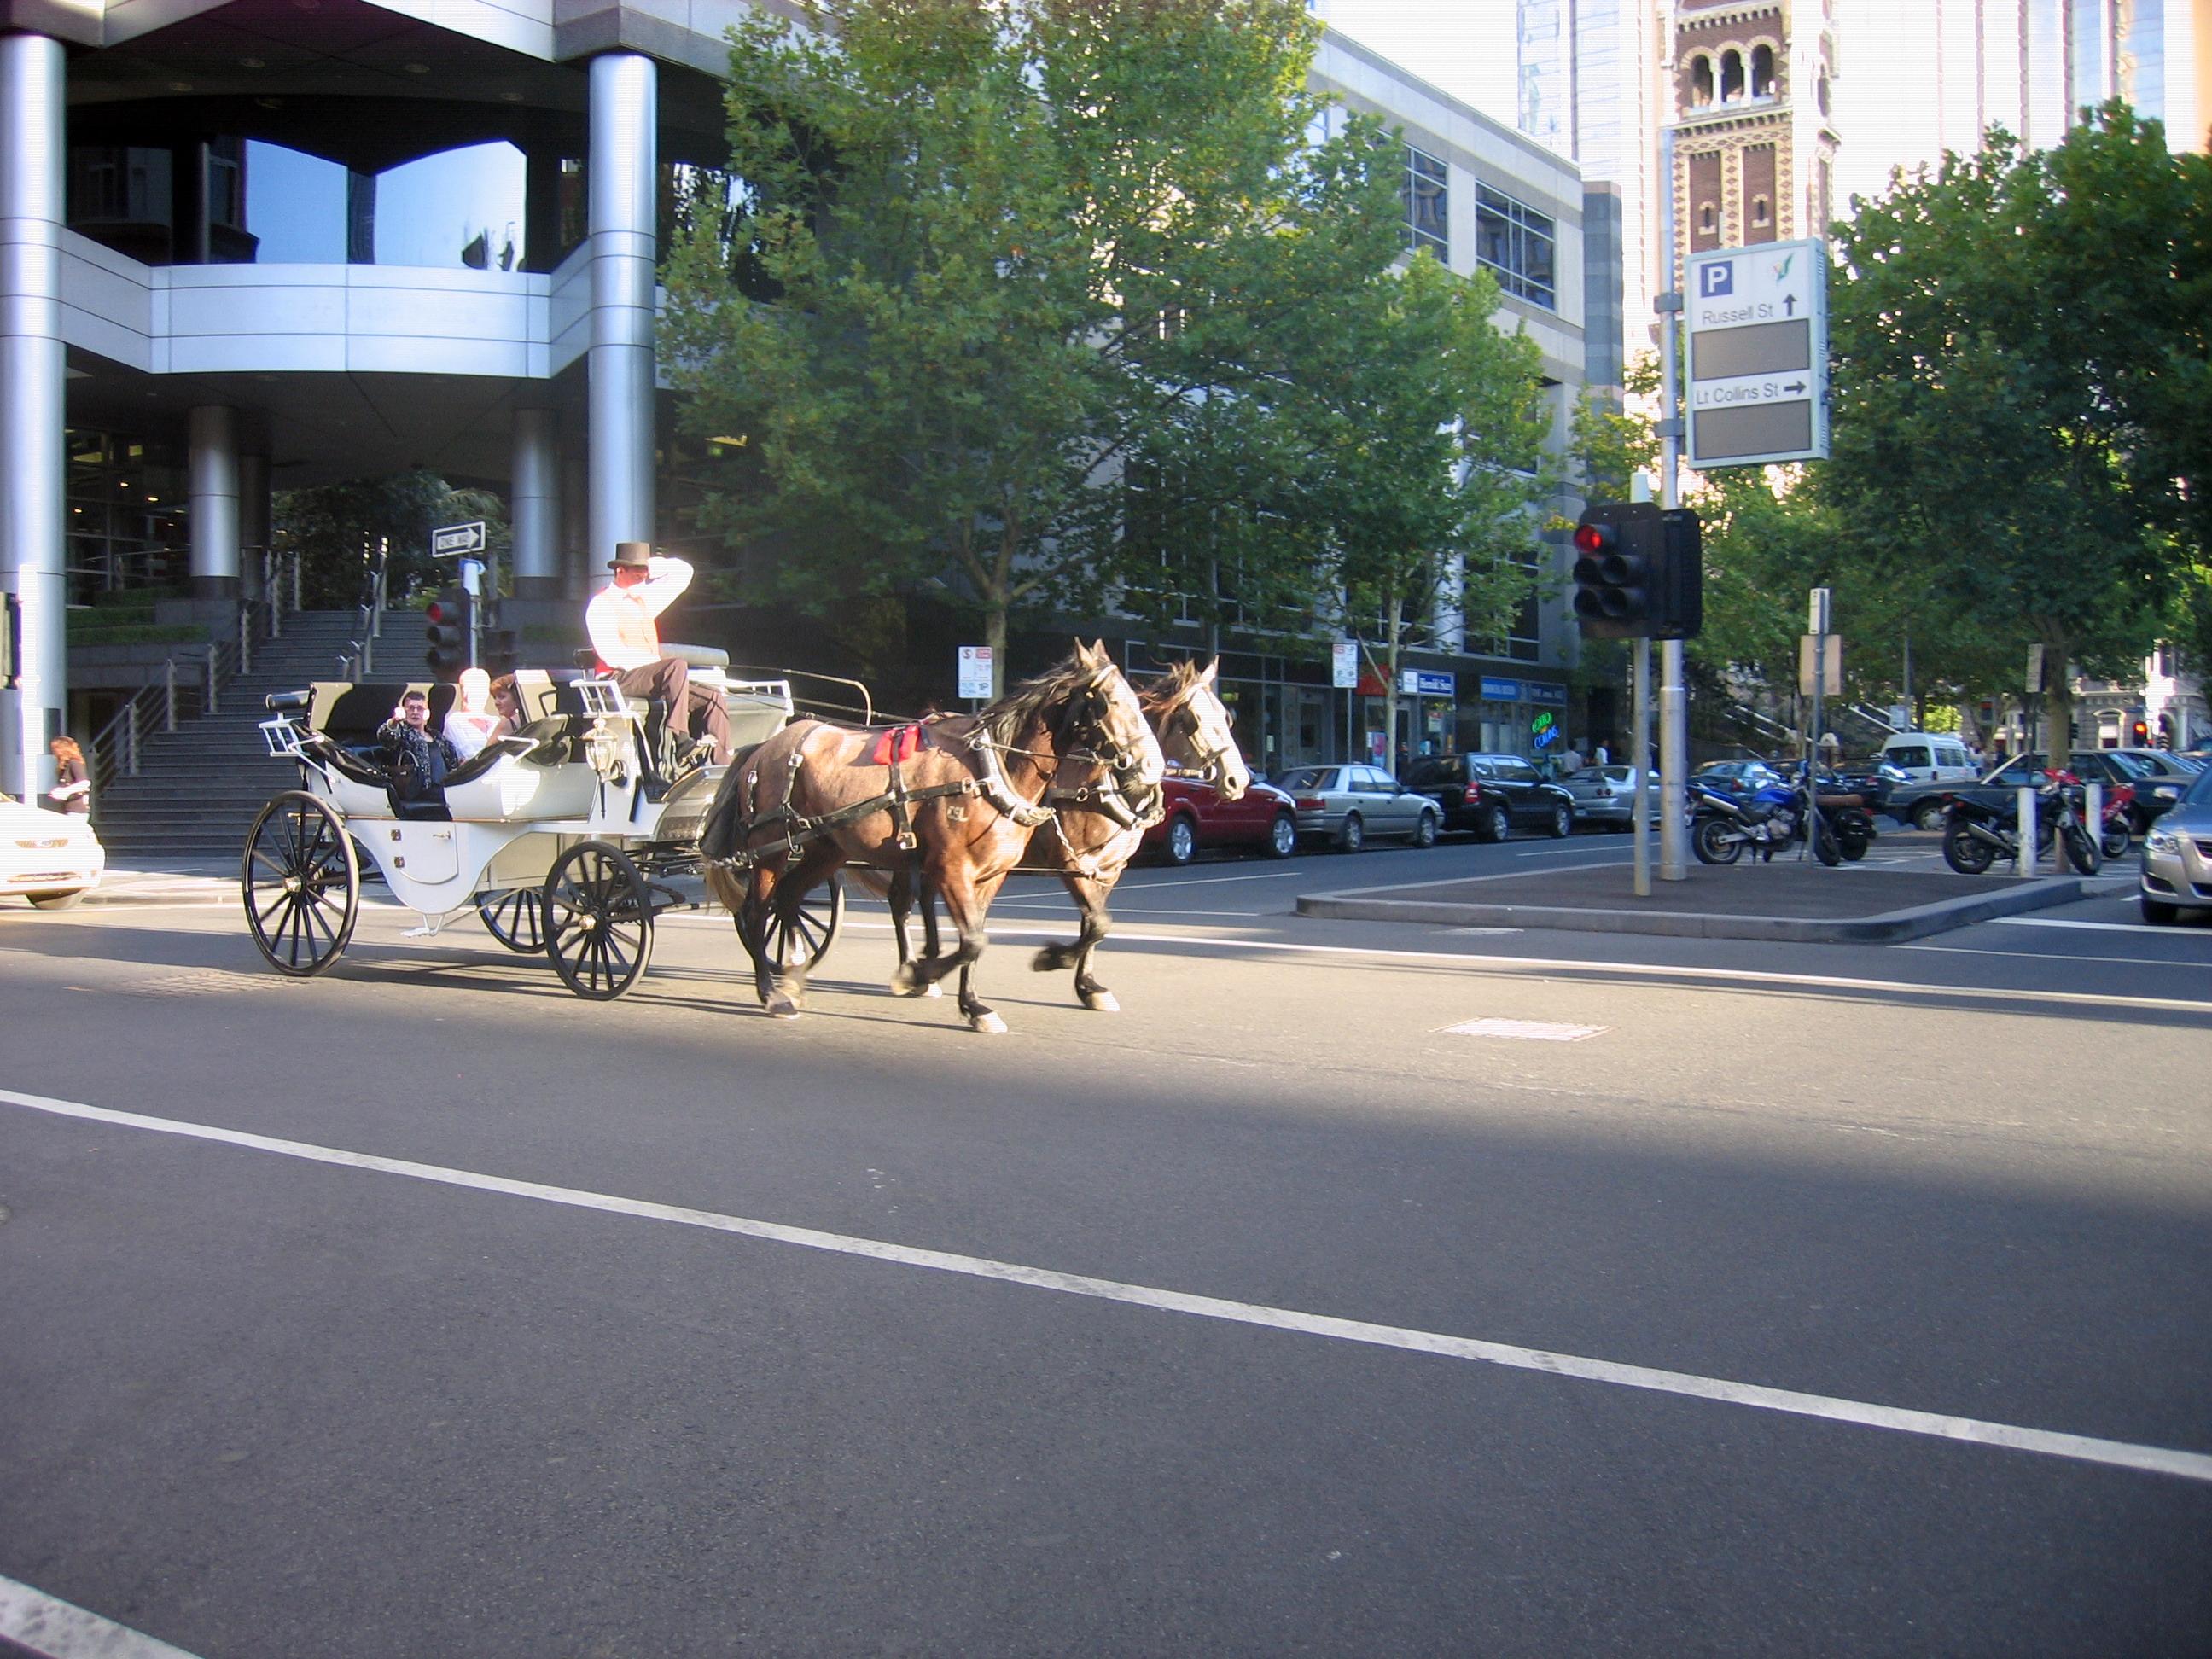 ταχύτητα dating Μελβούρνη μηνύματα εθιμοτυπίας για online dating